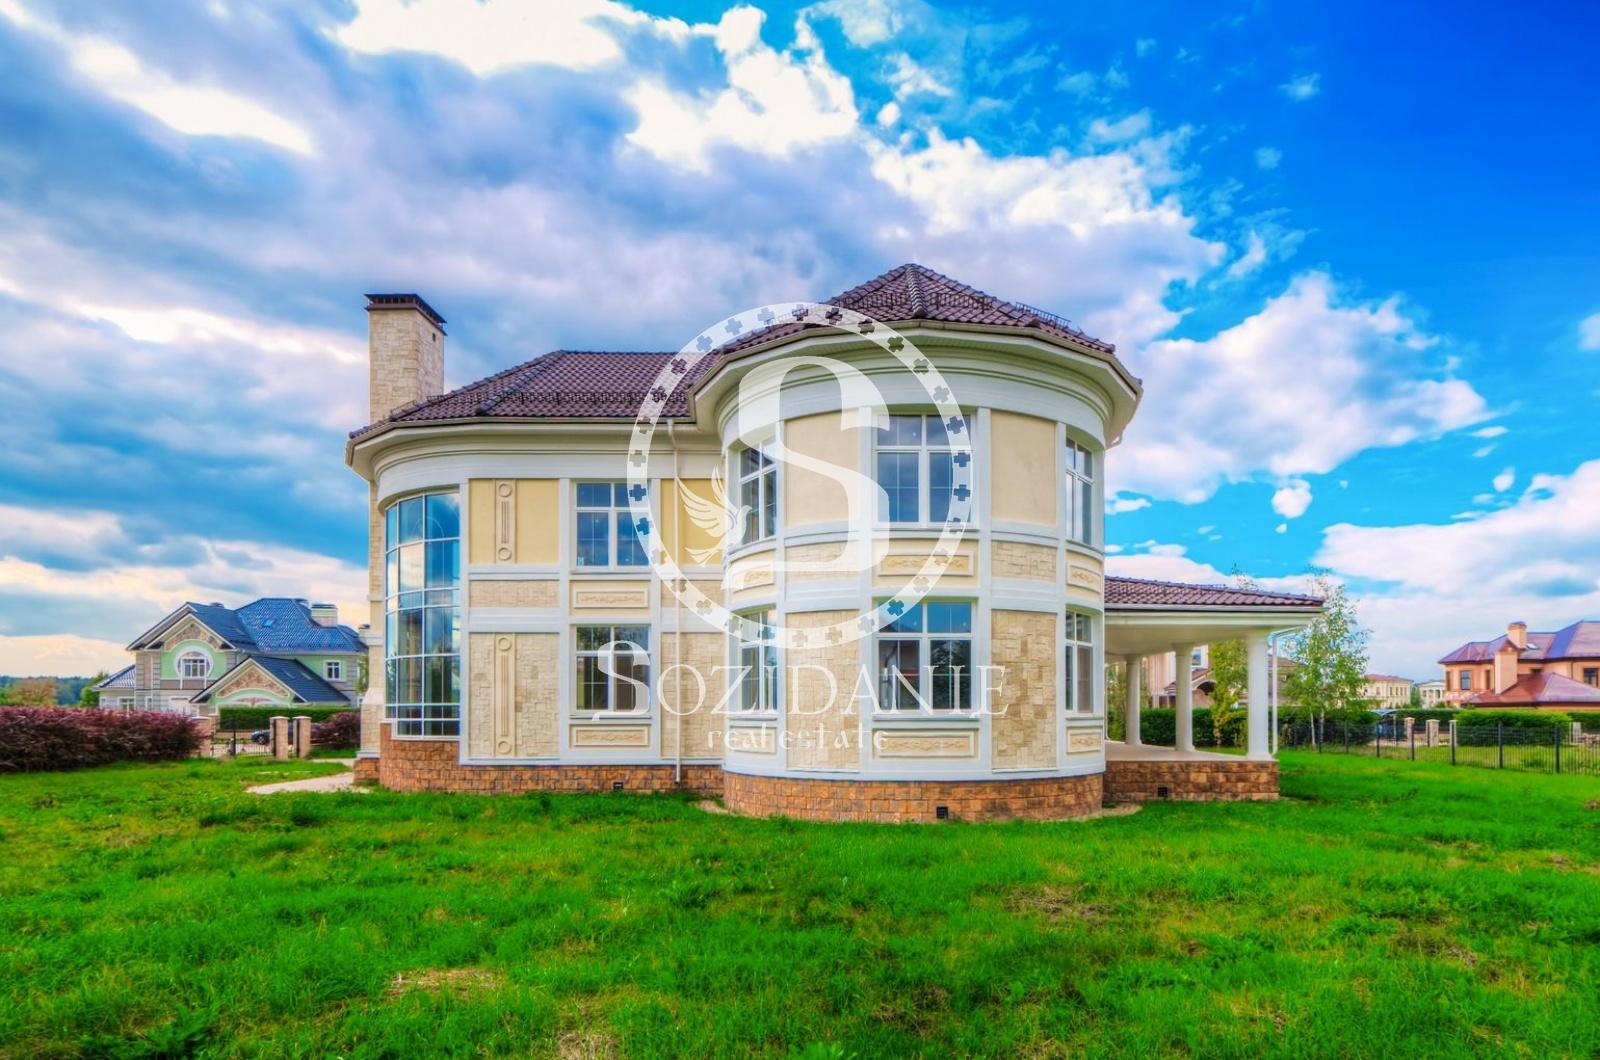 3 Bedrooms, Загородная, Продажа, Listing ID 1485, Московская область, Россия,